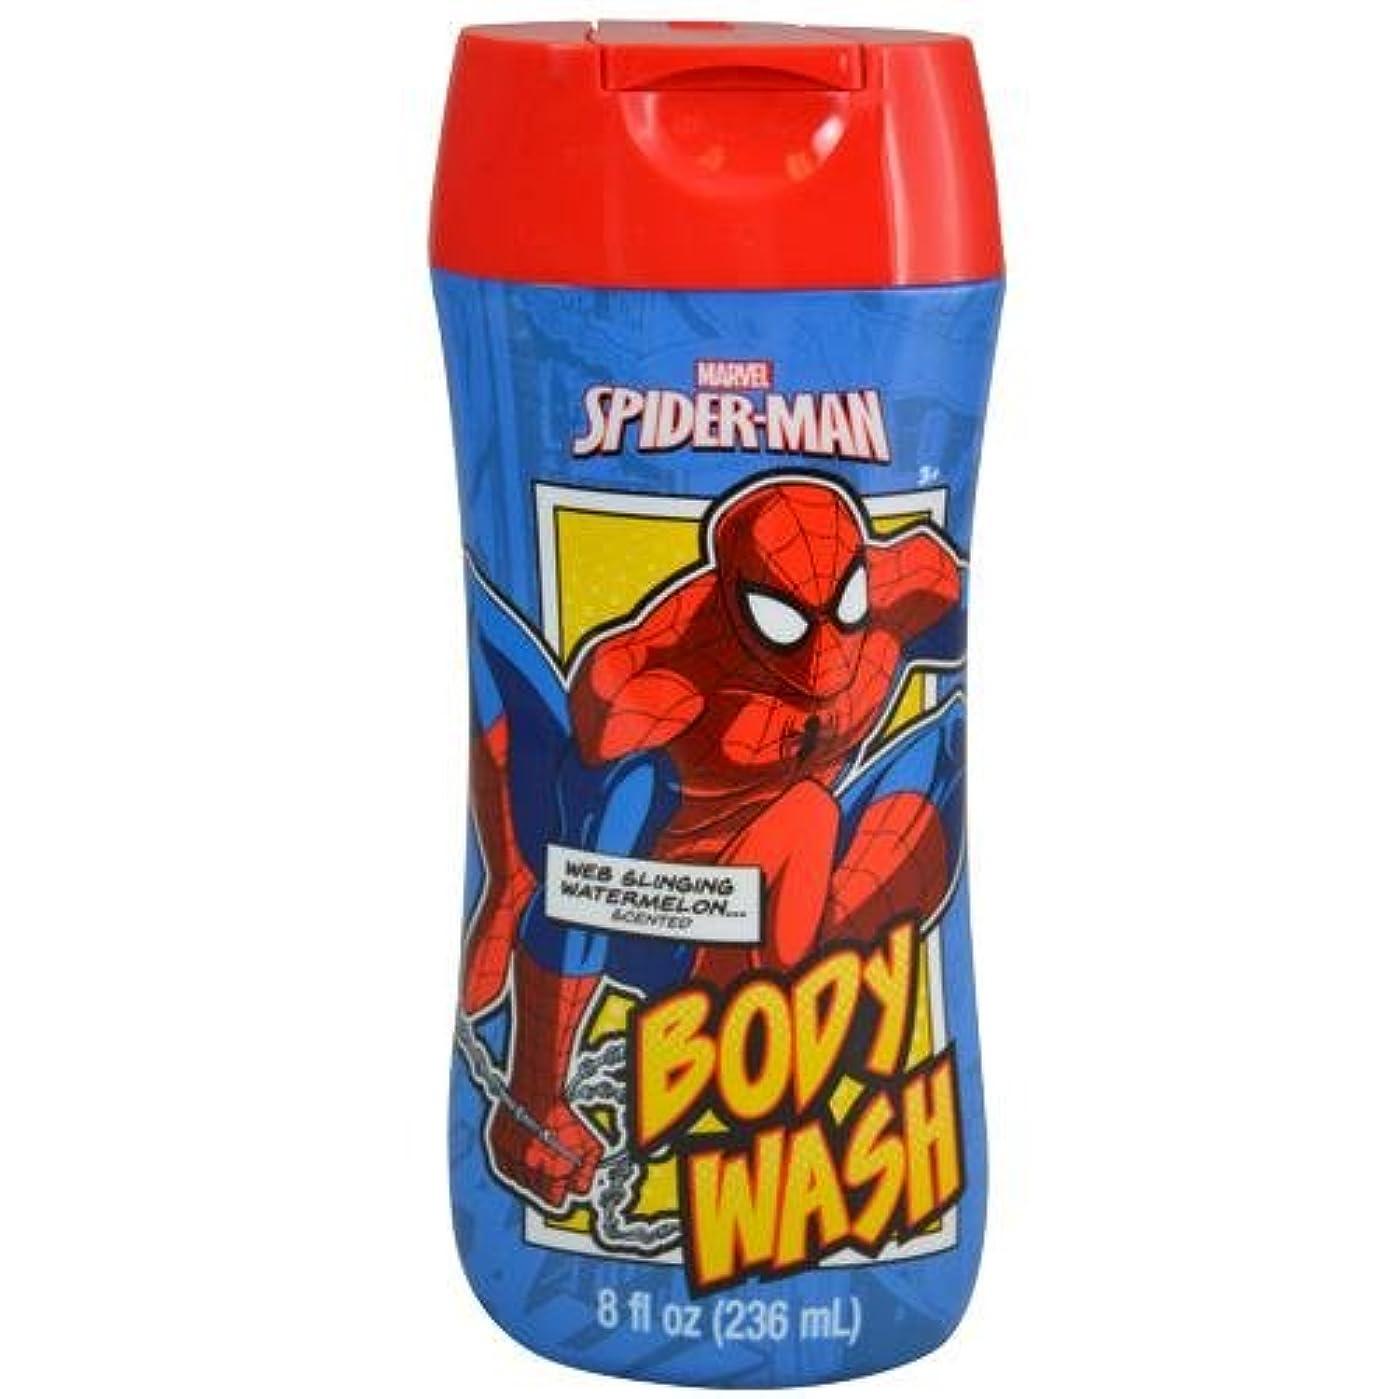 衣服支配的パトロンスパイダーマン SPIDER-MAN ボディーソープ 12185 MARVEL お風呂 ボディ ソープ 子供用 キッズ ボディソープ MARVEL ボディウォッシュ マーベル ボディーウォッシュ【即日?翌日発送】